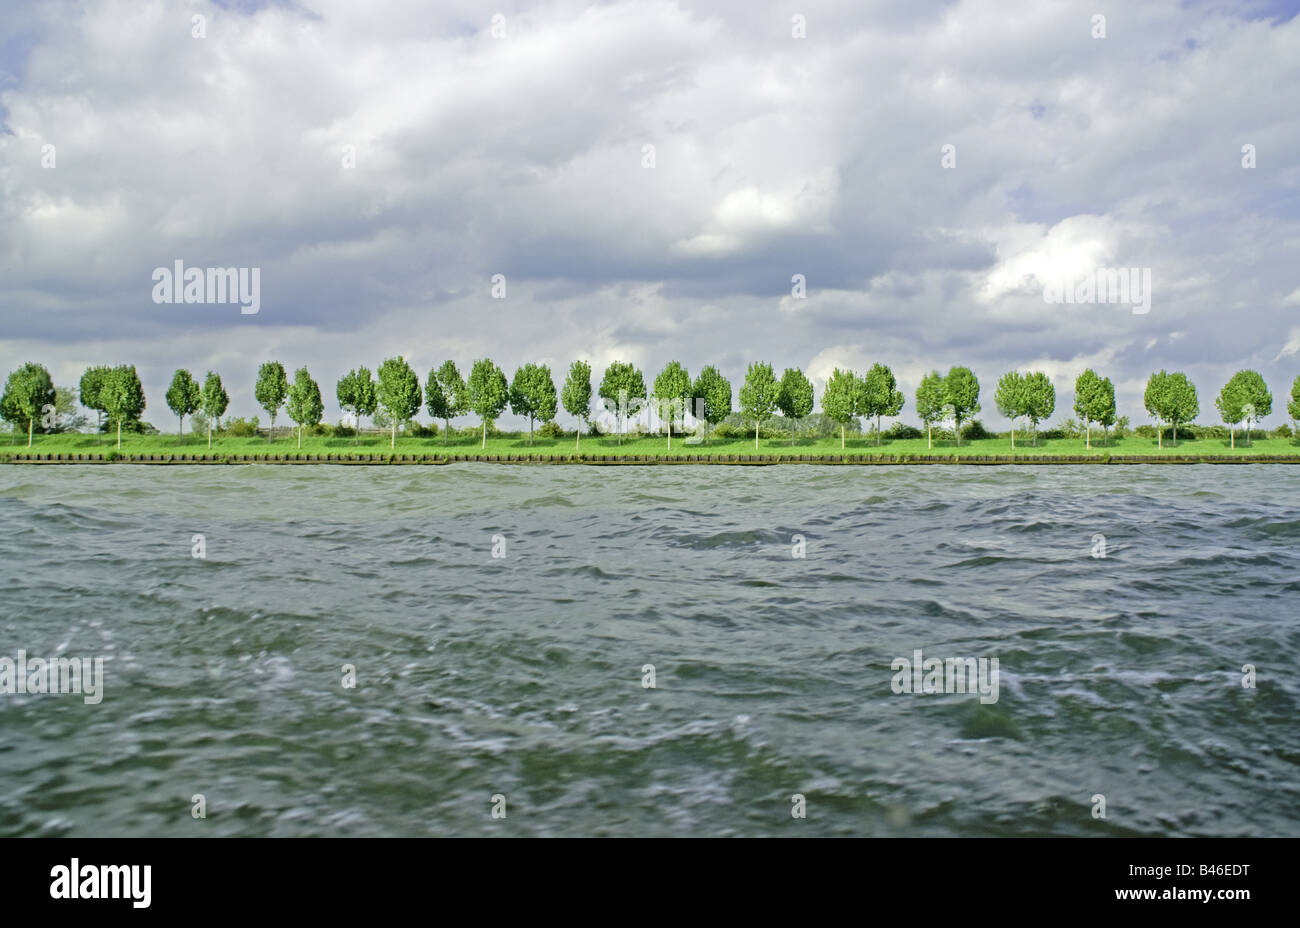 Pappelbäume säumen den Amsterdam-Rhein-Kanal Stockbild